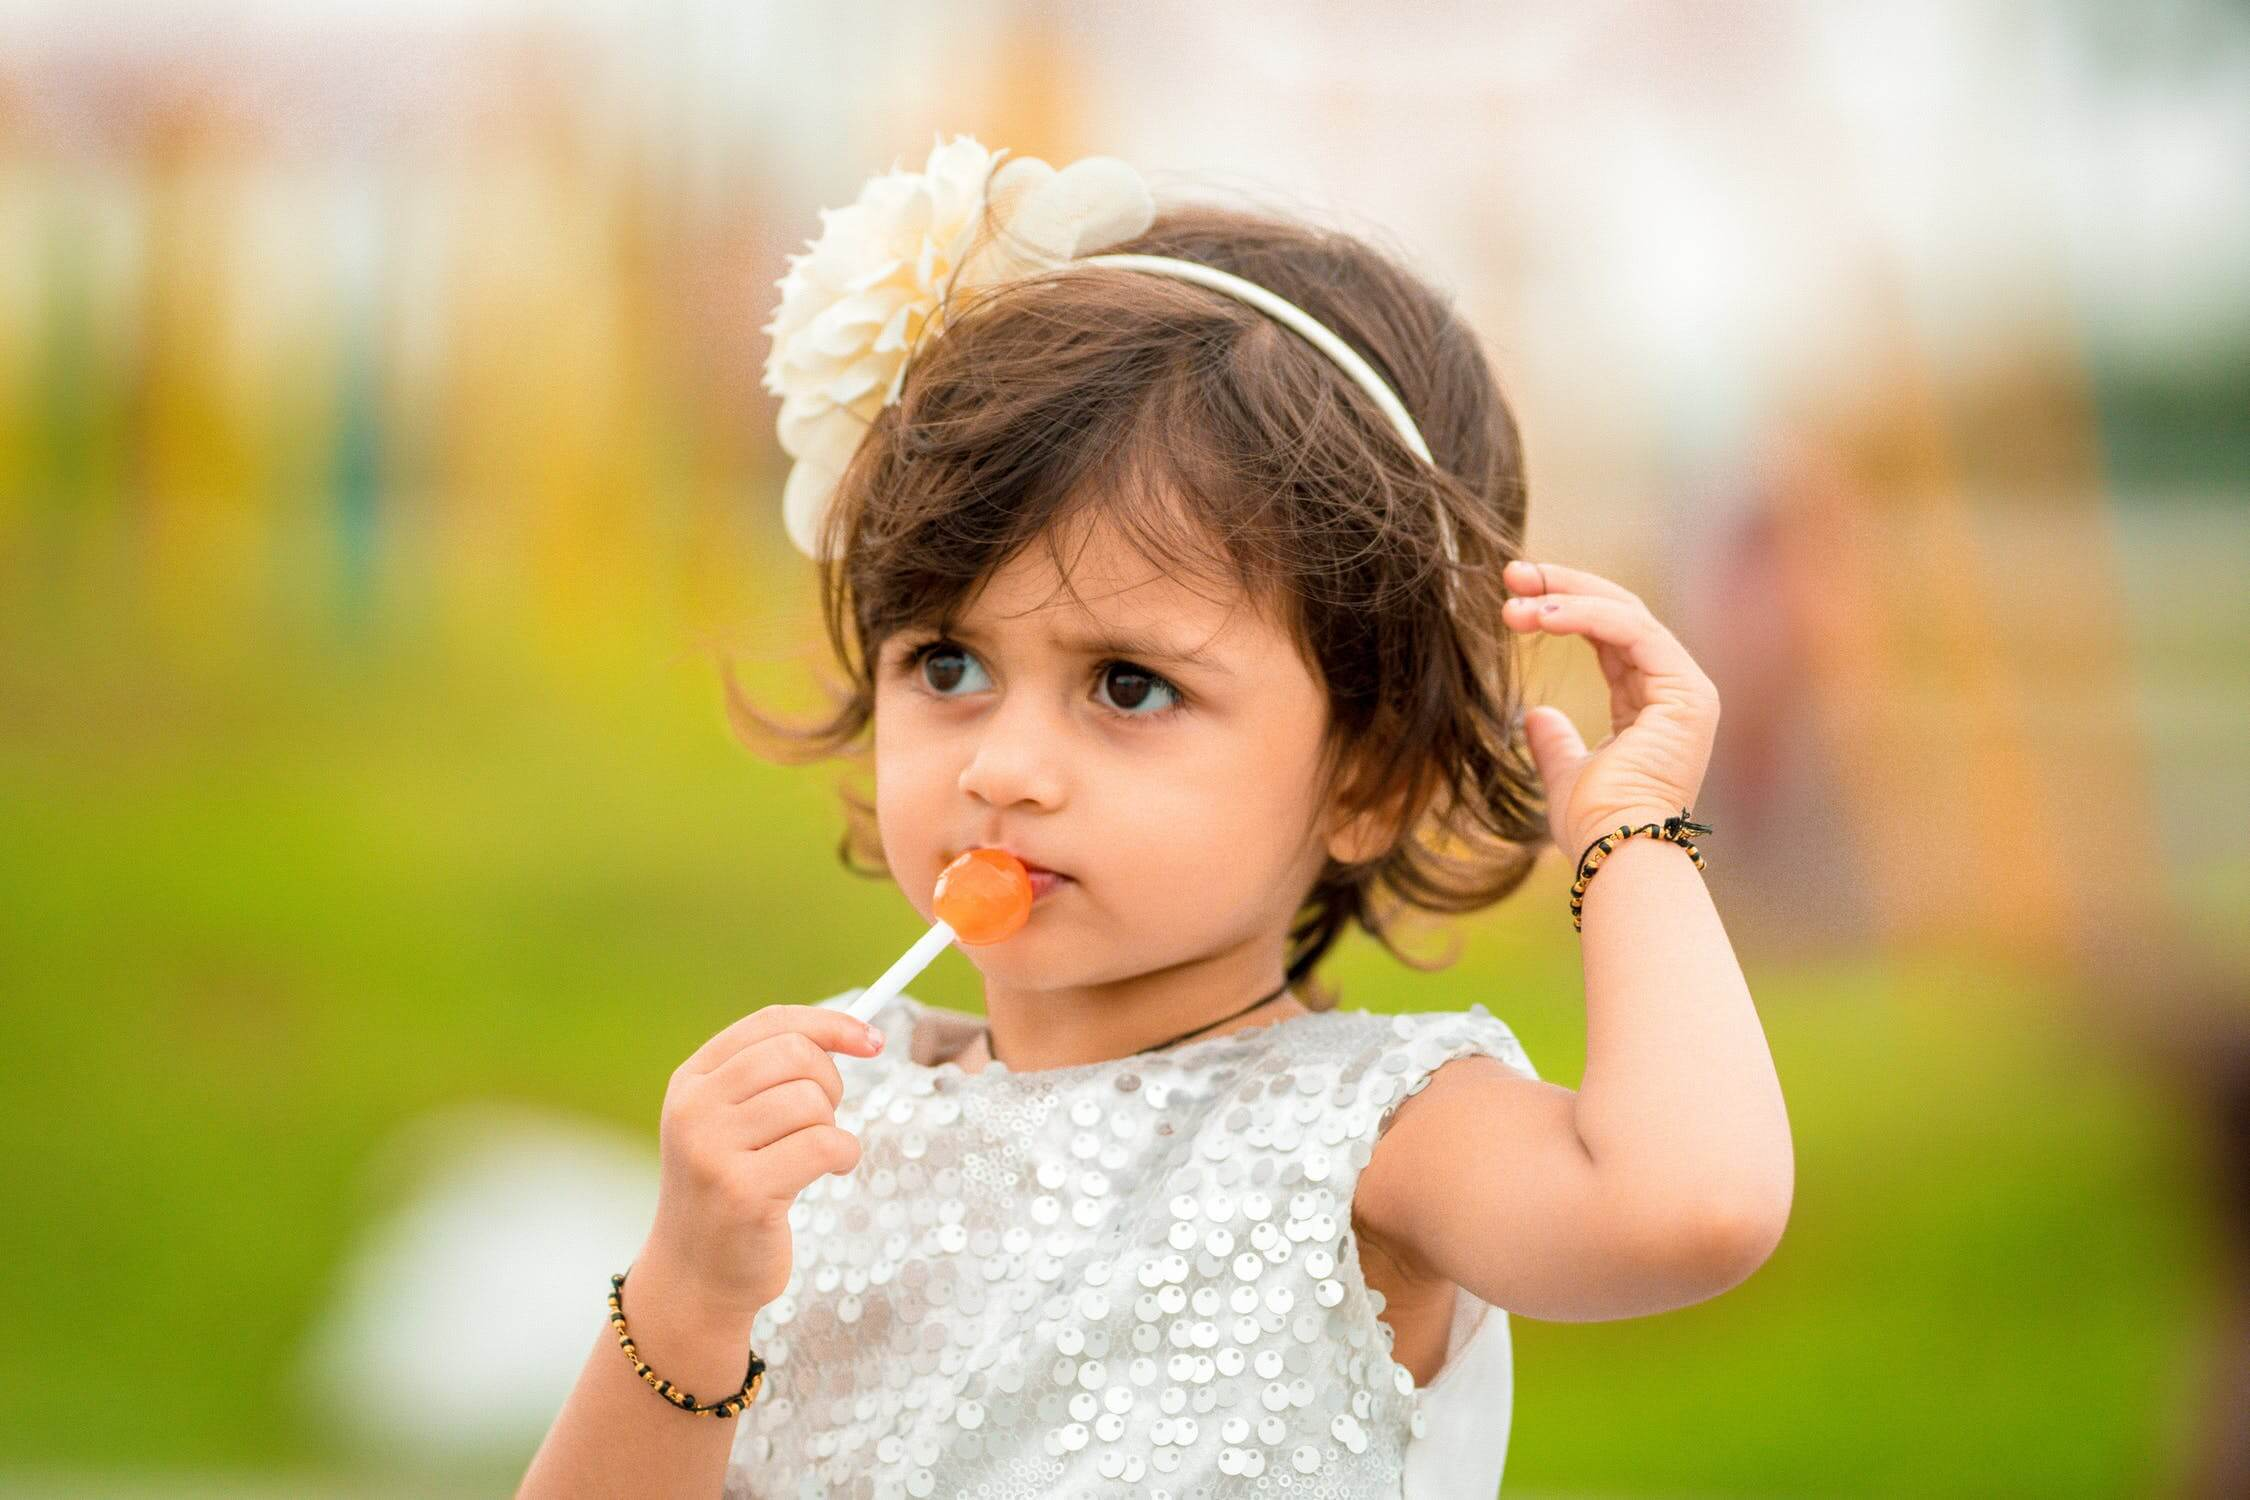 Kým biely cukor je čisto iba sladidlo, v trstinovom sa nachádzajú aj minerály prospešné pre telo.